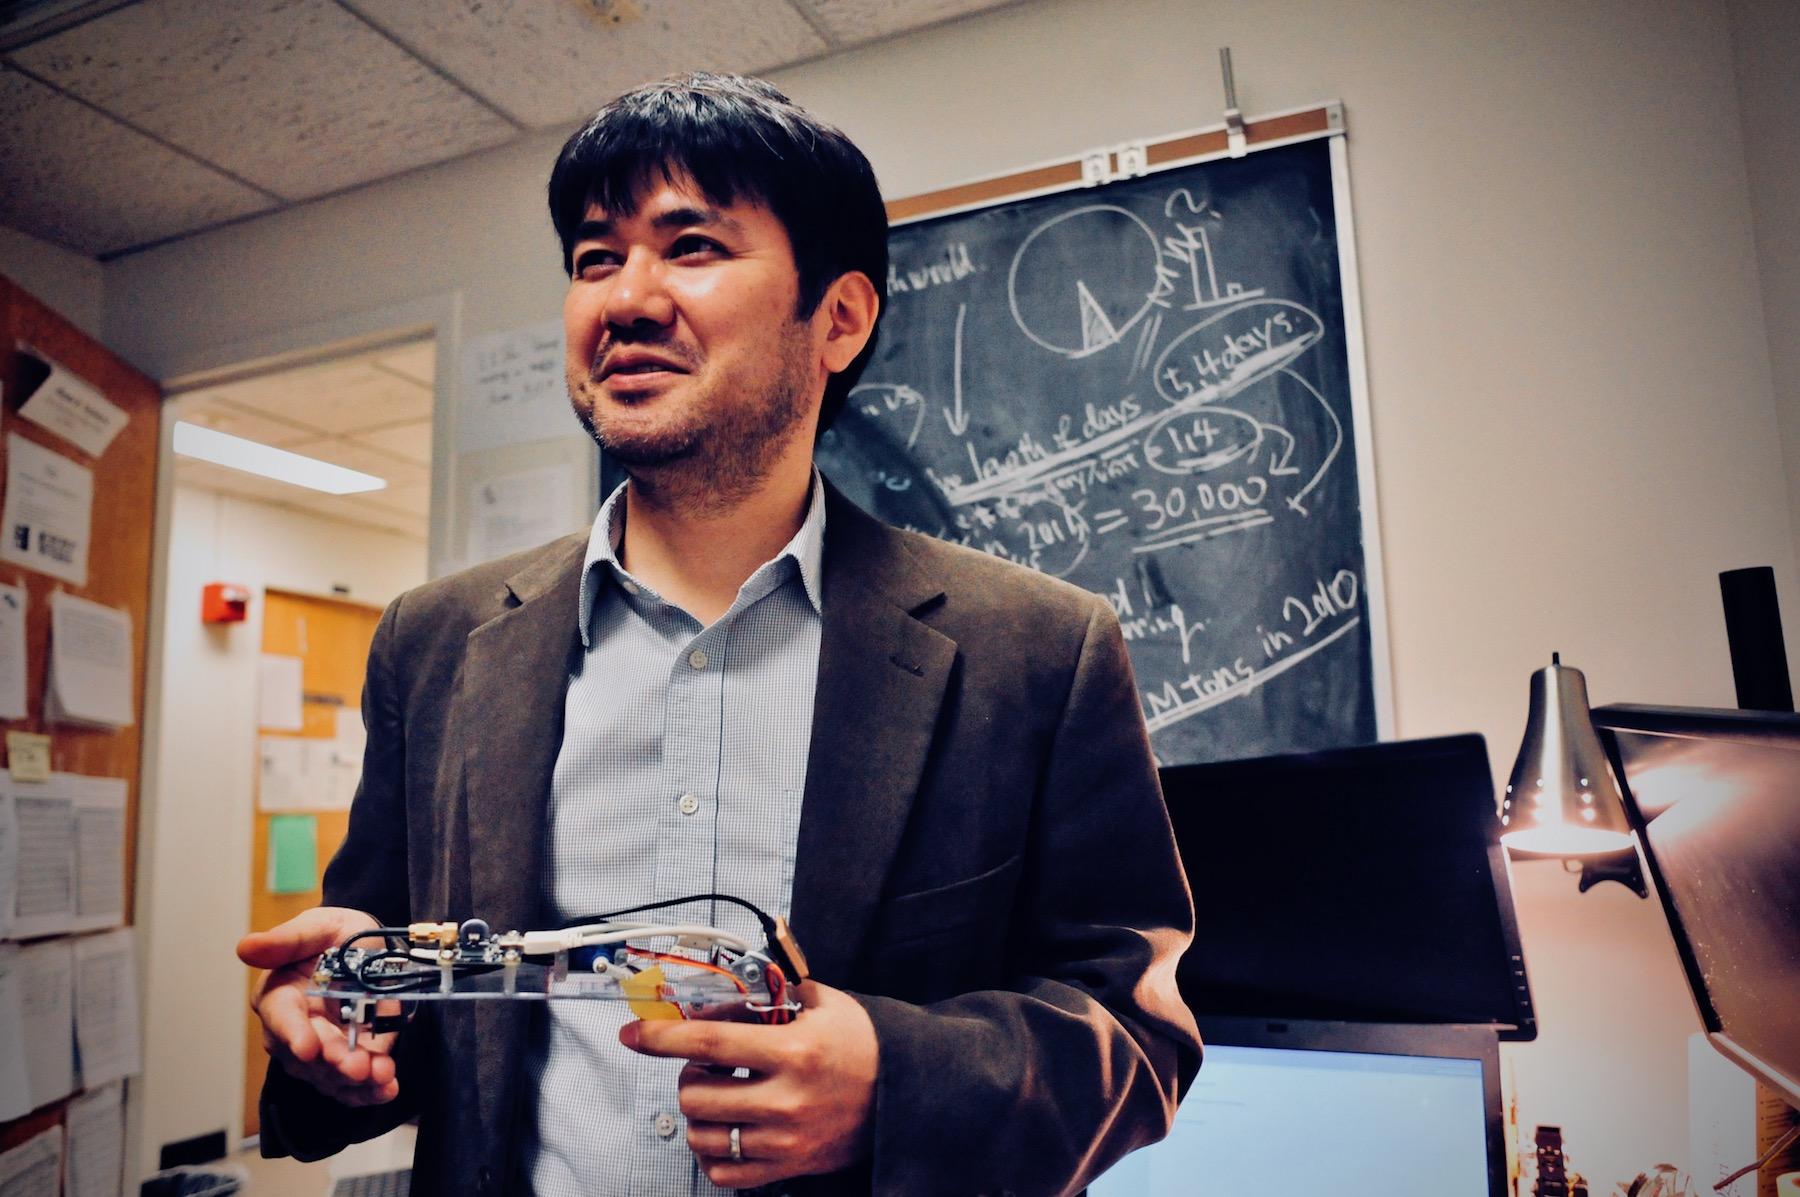 中村正人助教授。専門は地球環境工学。エネルギーの再利用や公害対策を研究する分野だ。スマートガン研究も、弾丸が発射される際の余分なエネルギーを、付随する電子機器の動力源として転用できないかという発想からスタートしたのだという。